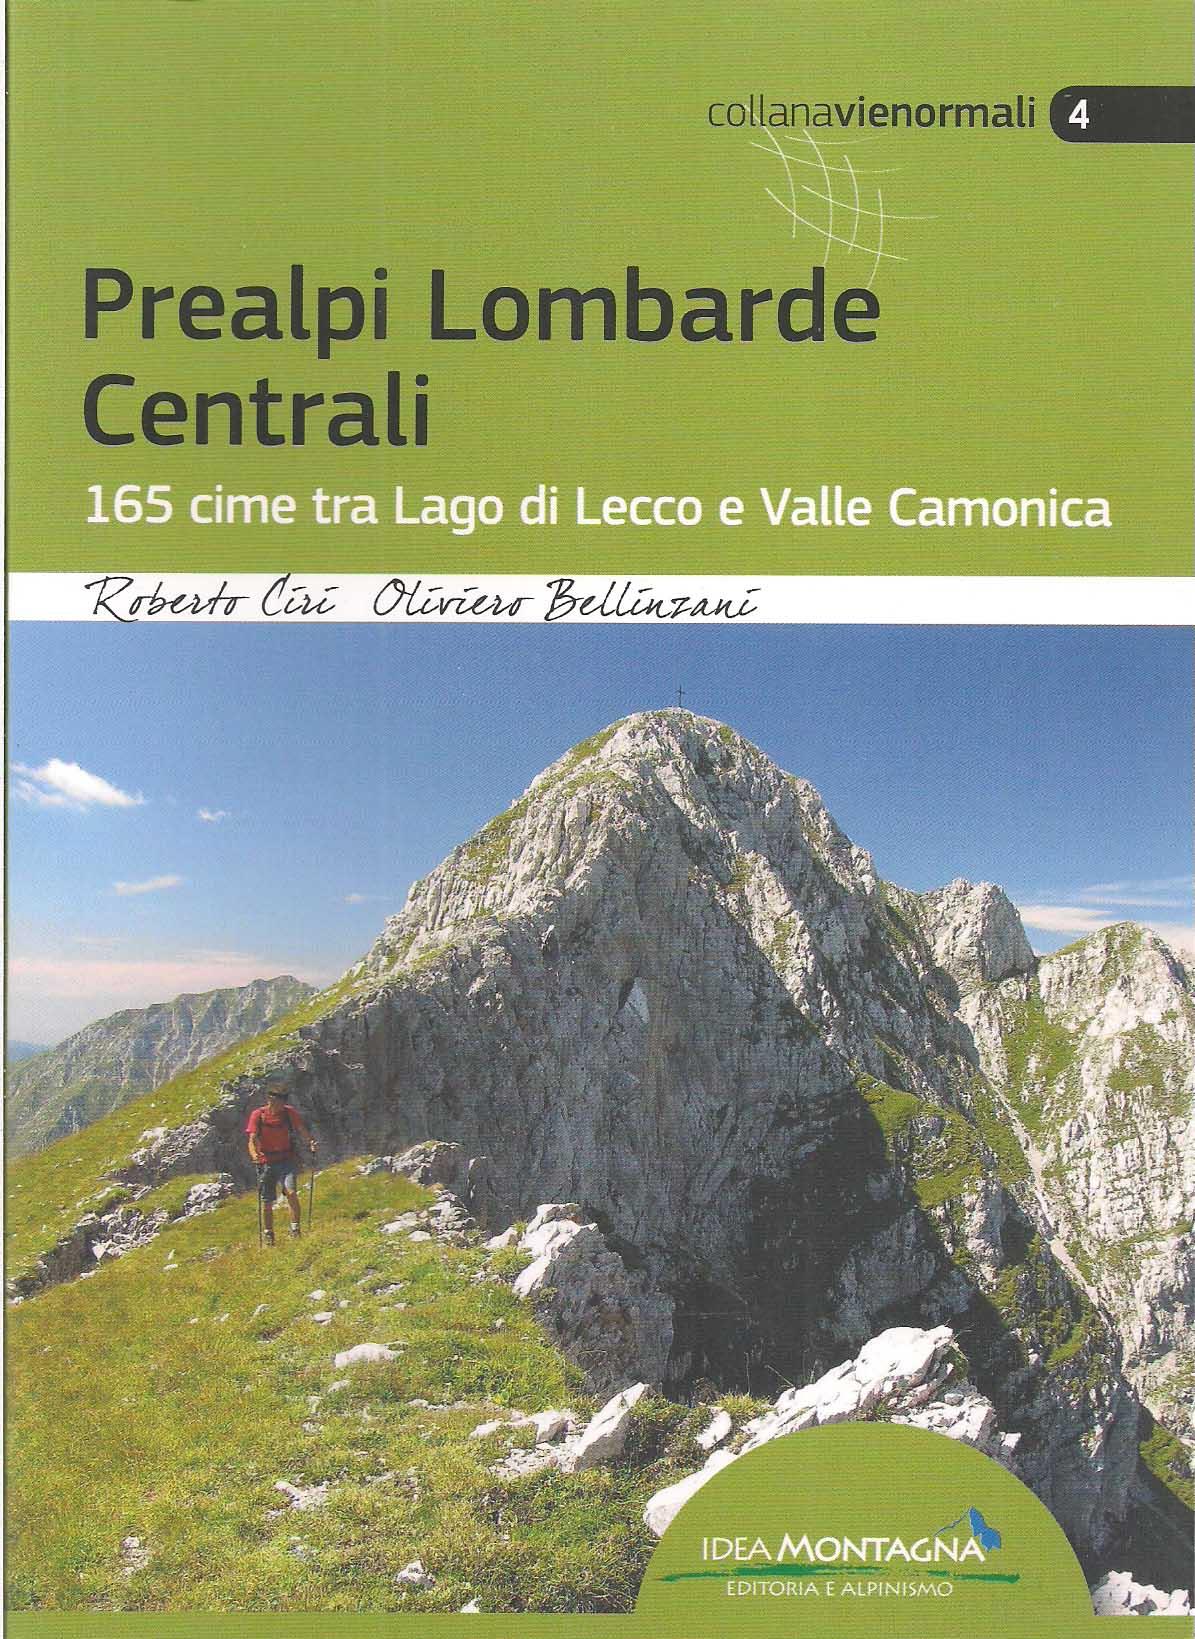 prealpi-lombarde-centrali